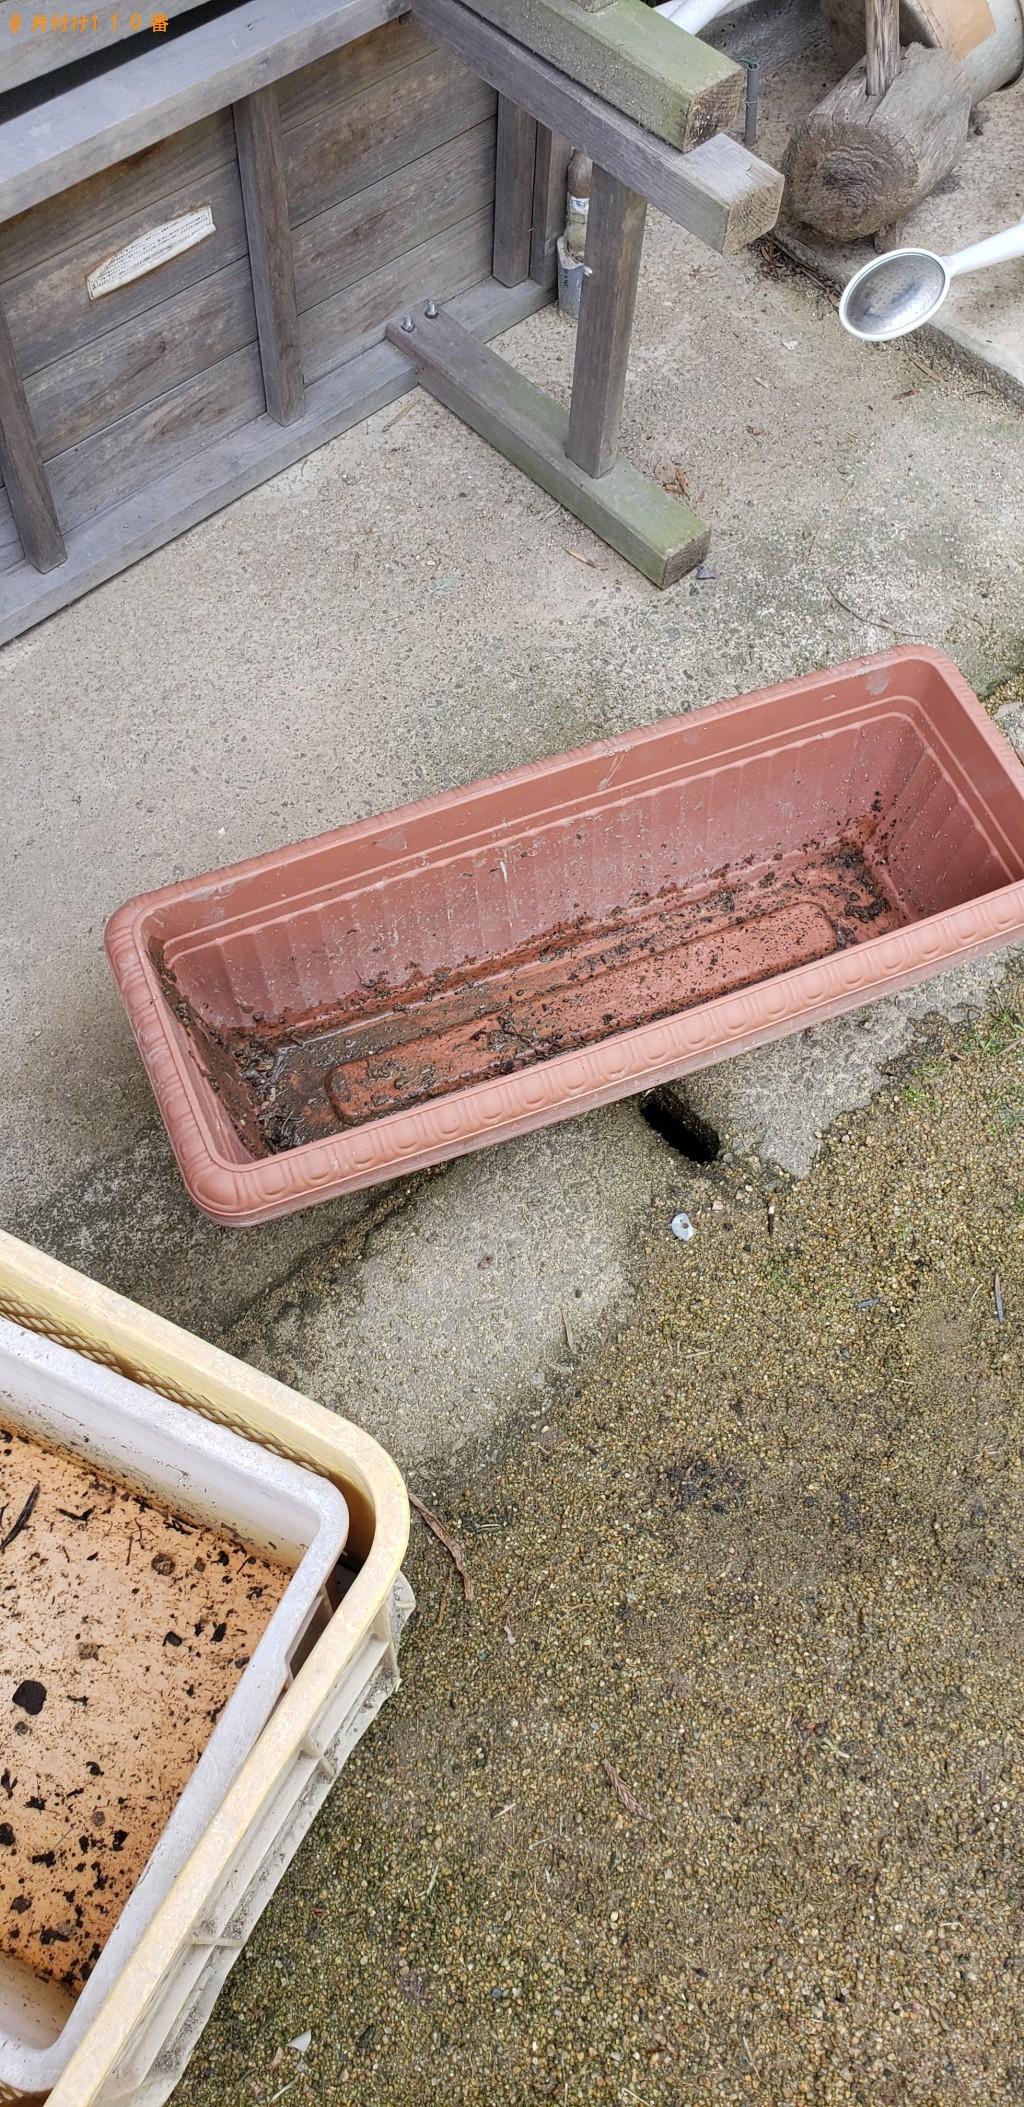 【長門市】土嚢(残土、砂利)、割れたかわら、庭の小石の回収・処分